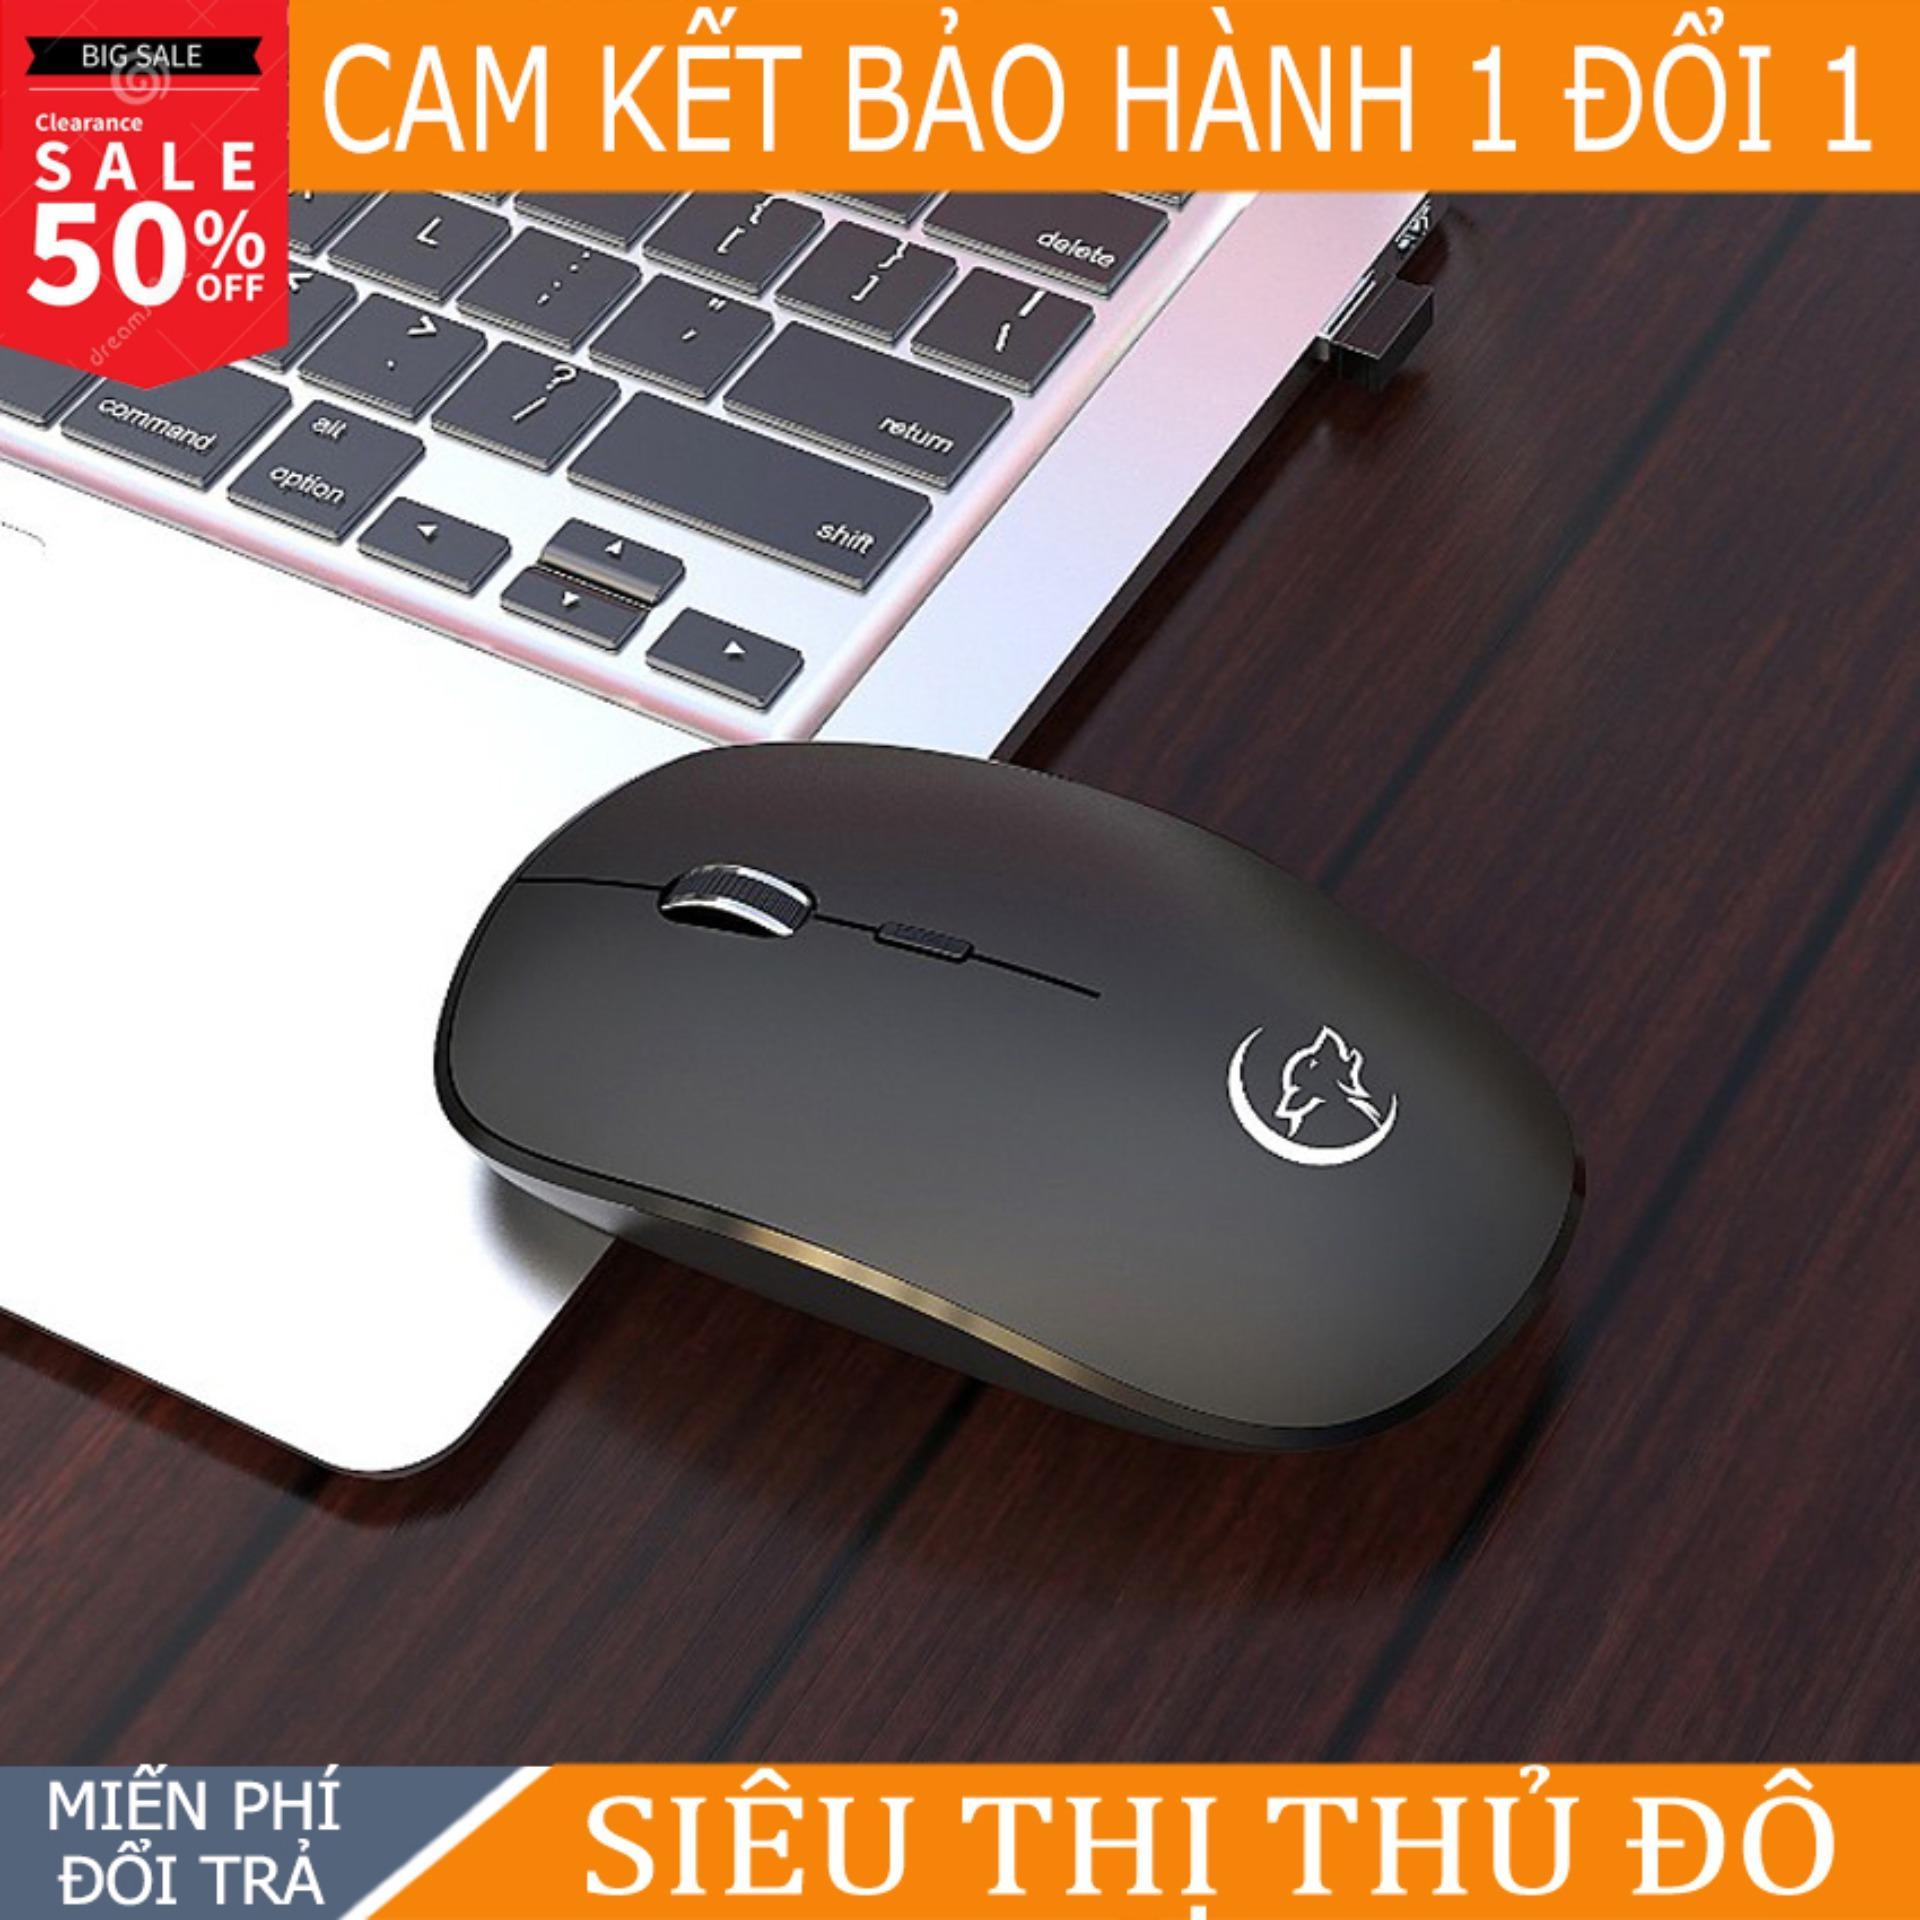 Chuột Không Dây G834 2.4G -Siêu Thị Thủ Đô